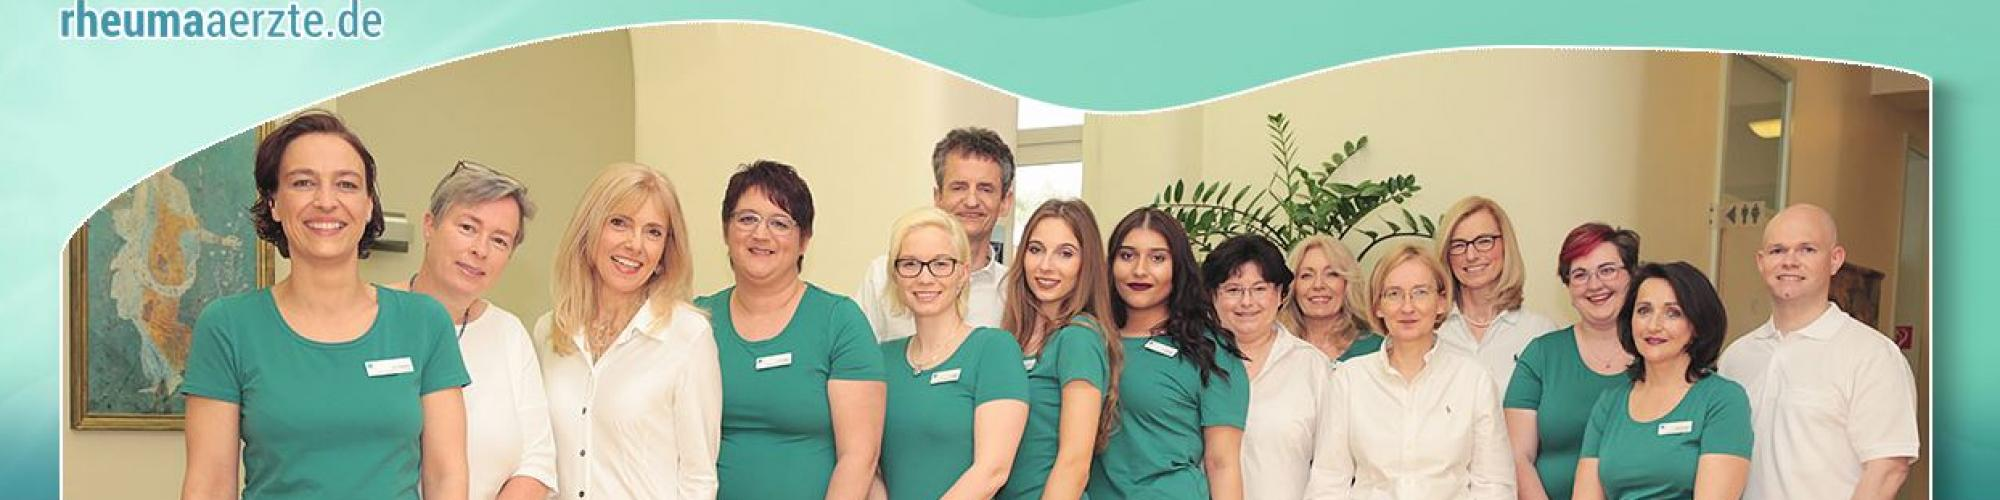 Rheumaärzte GmbH MVZ für ambulante Rheumatologie